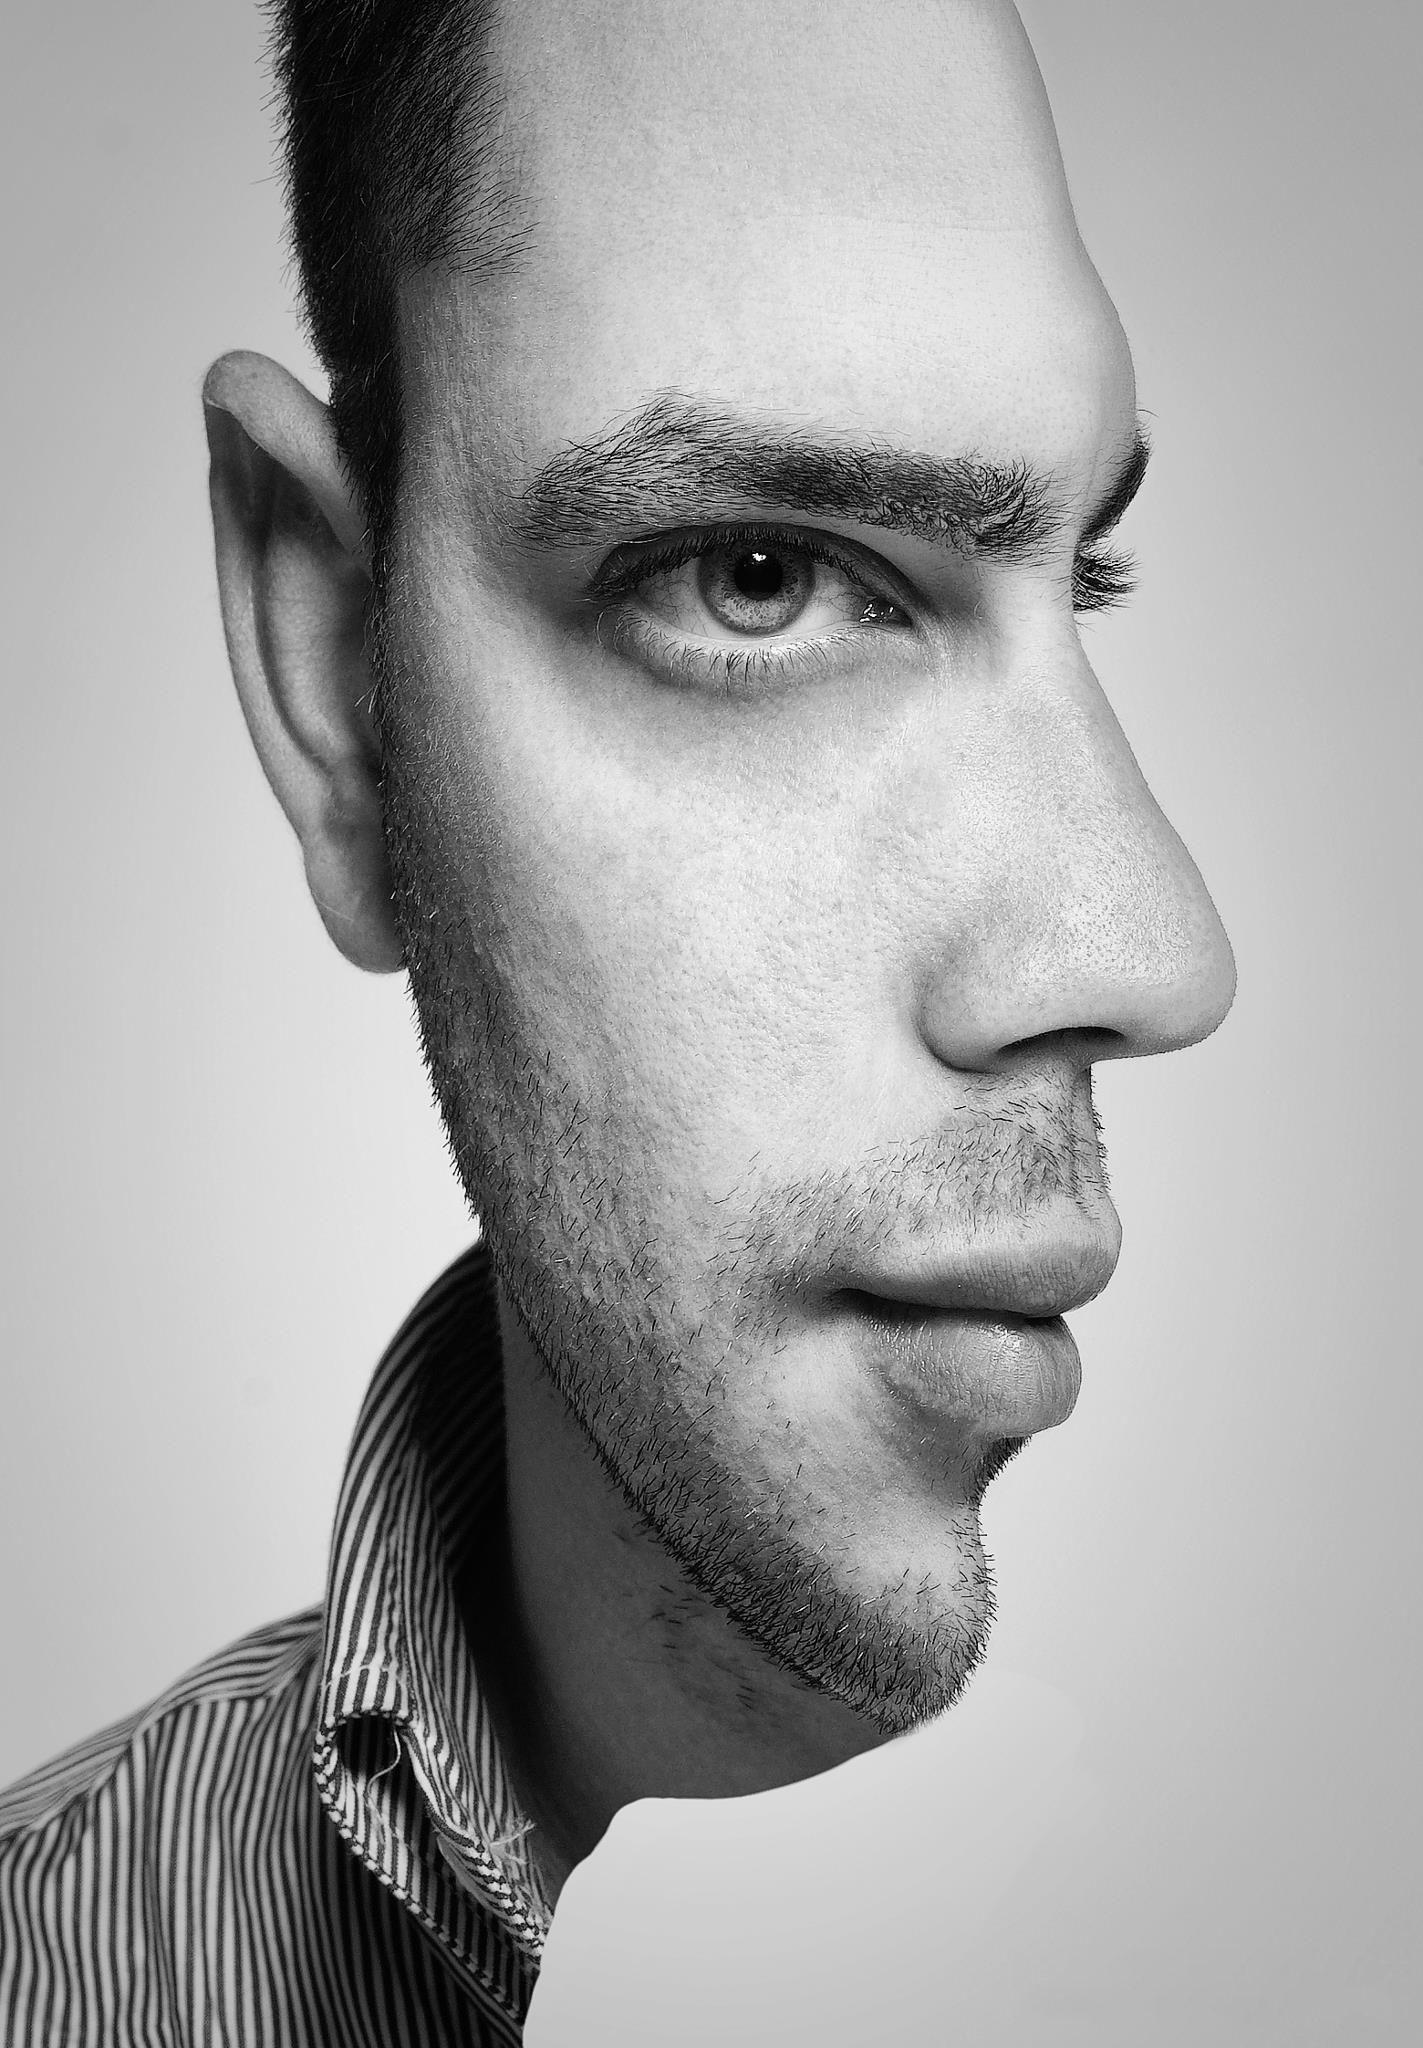 фото с эффектом иллюзии веранды террасы между